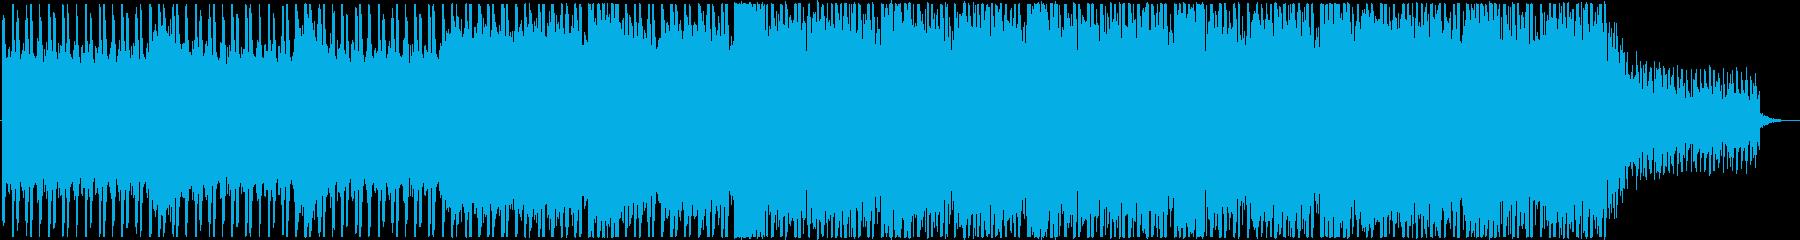 工場をイメージしたBGMの再生済みの波形